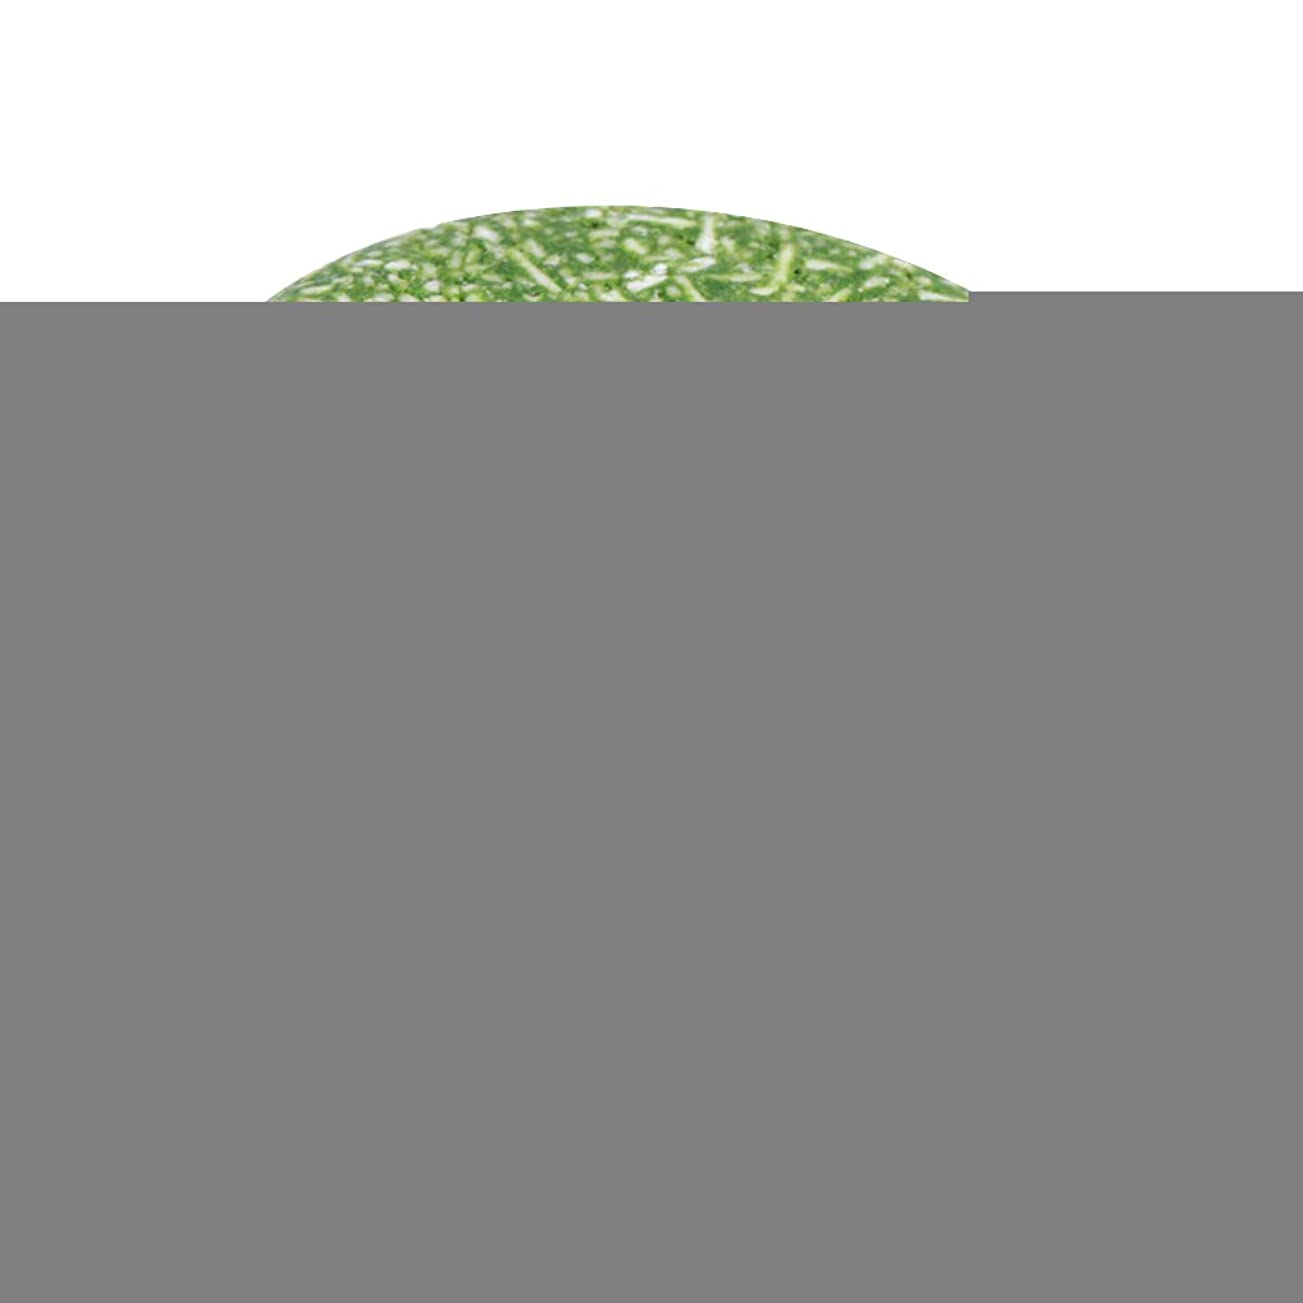 不道徳一時解雇する協力的4色オーガニック手作りコールド加工シナモンシャンプーバー100%ピュアヘアシャンプー(緑)